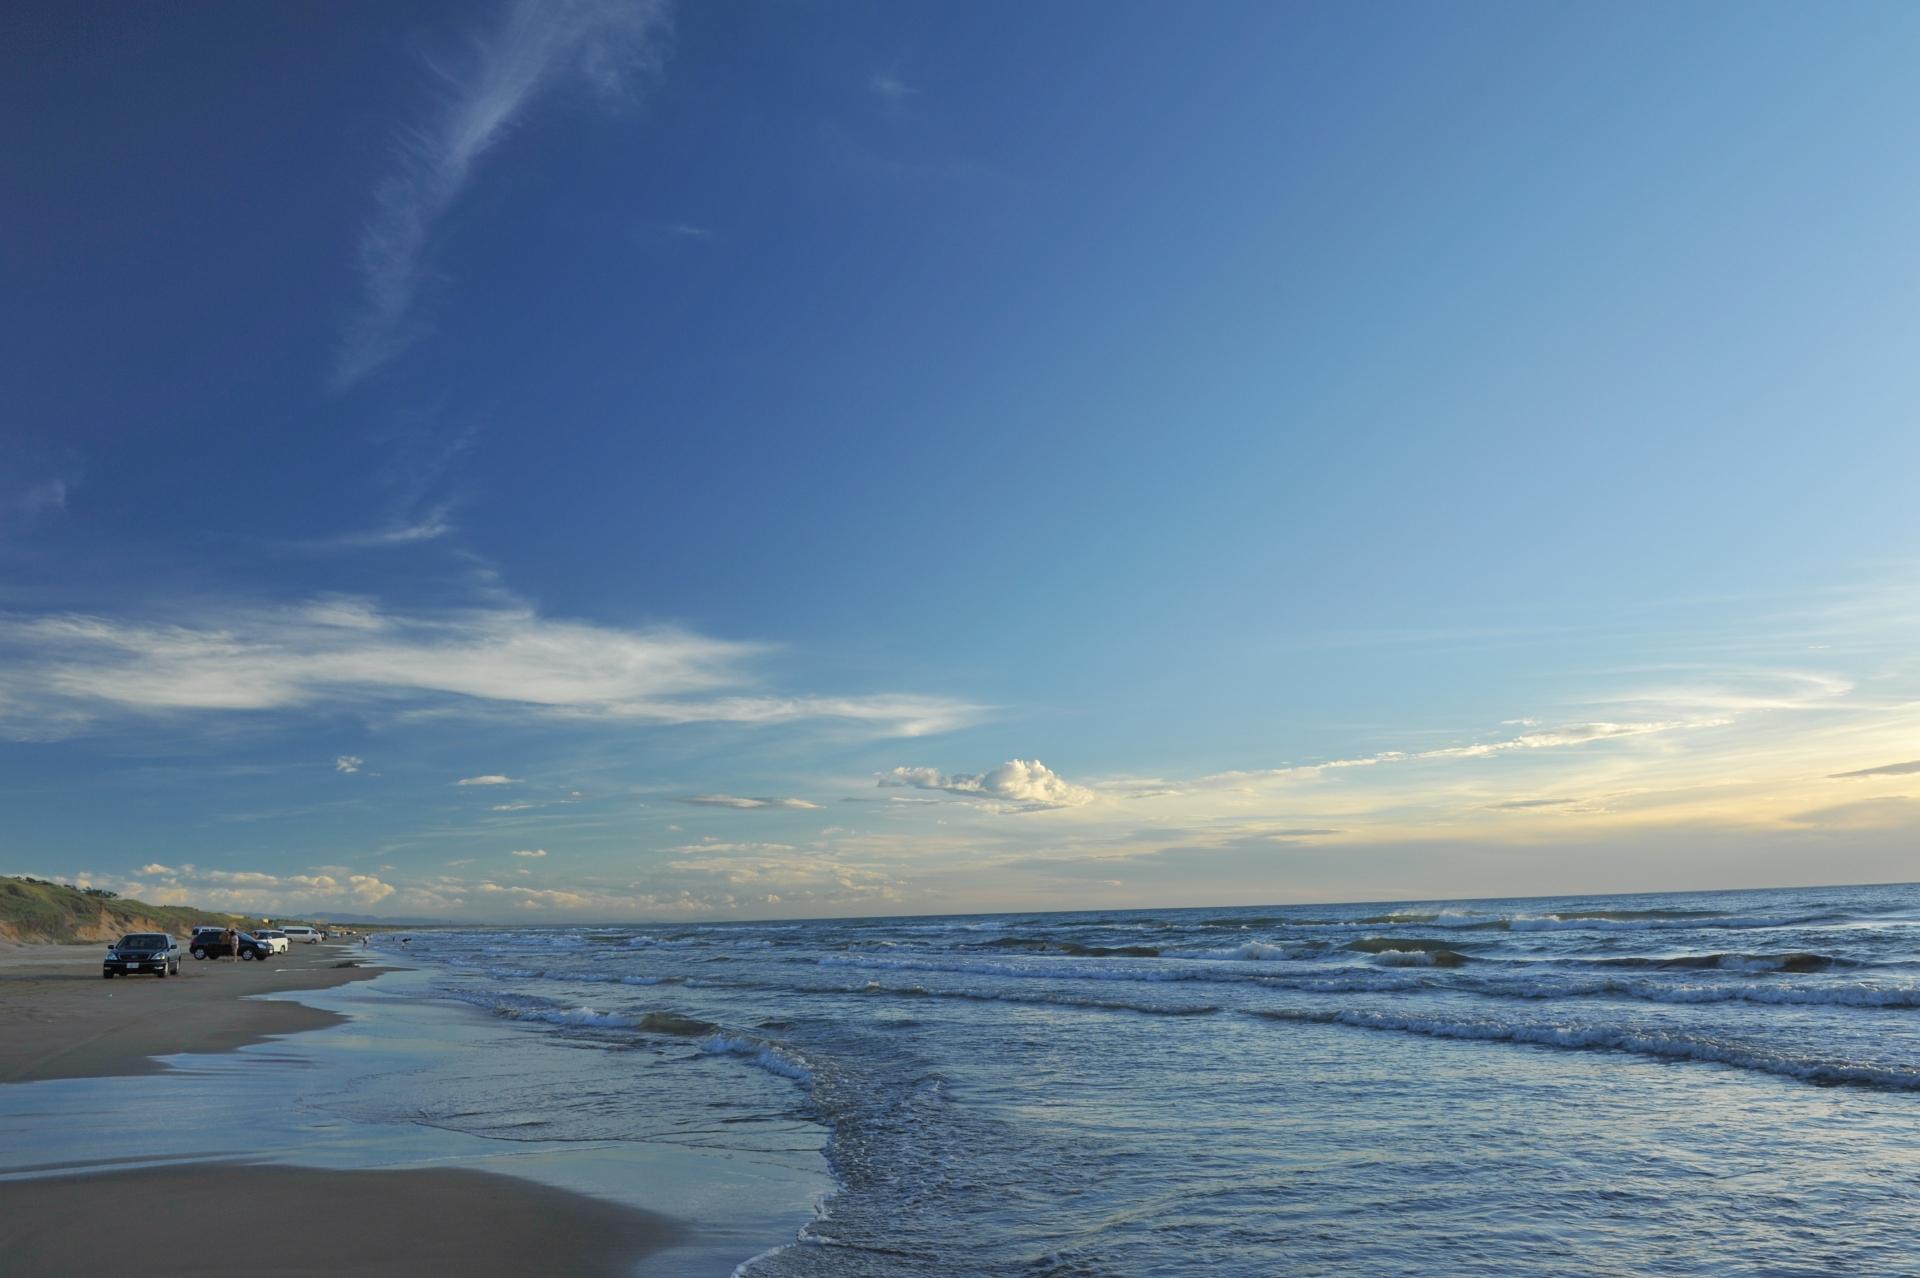 千里浜なぎさドライブウェイ,波打ち際,砂浜